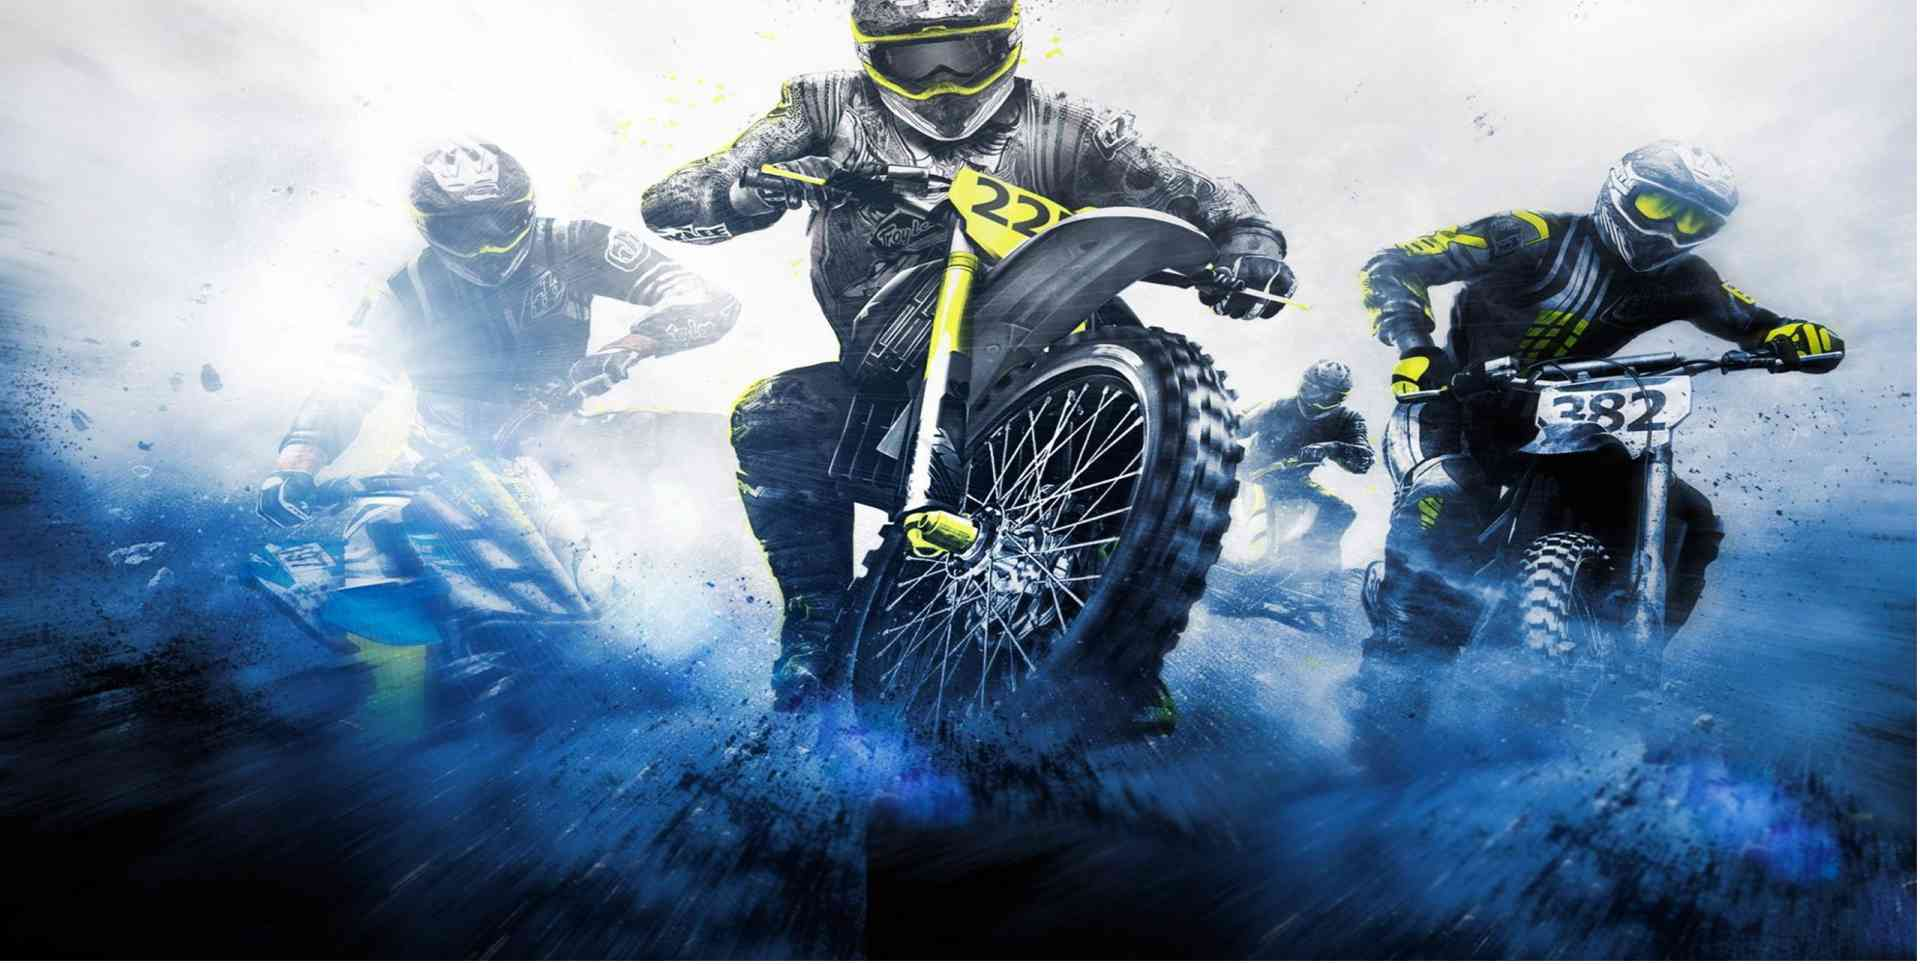 MXGP of Spain 2020 Live Stream